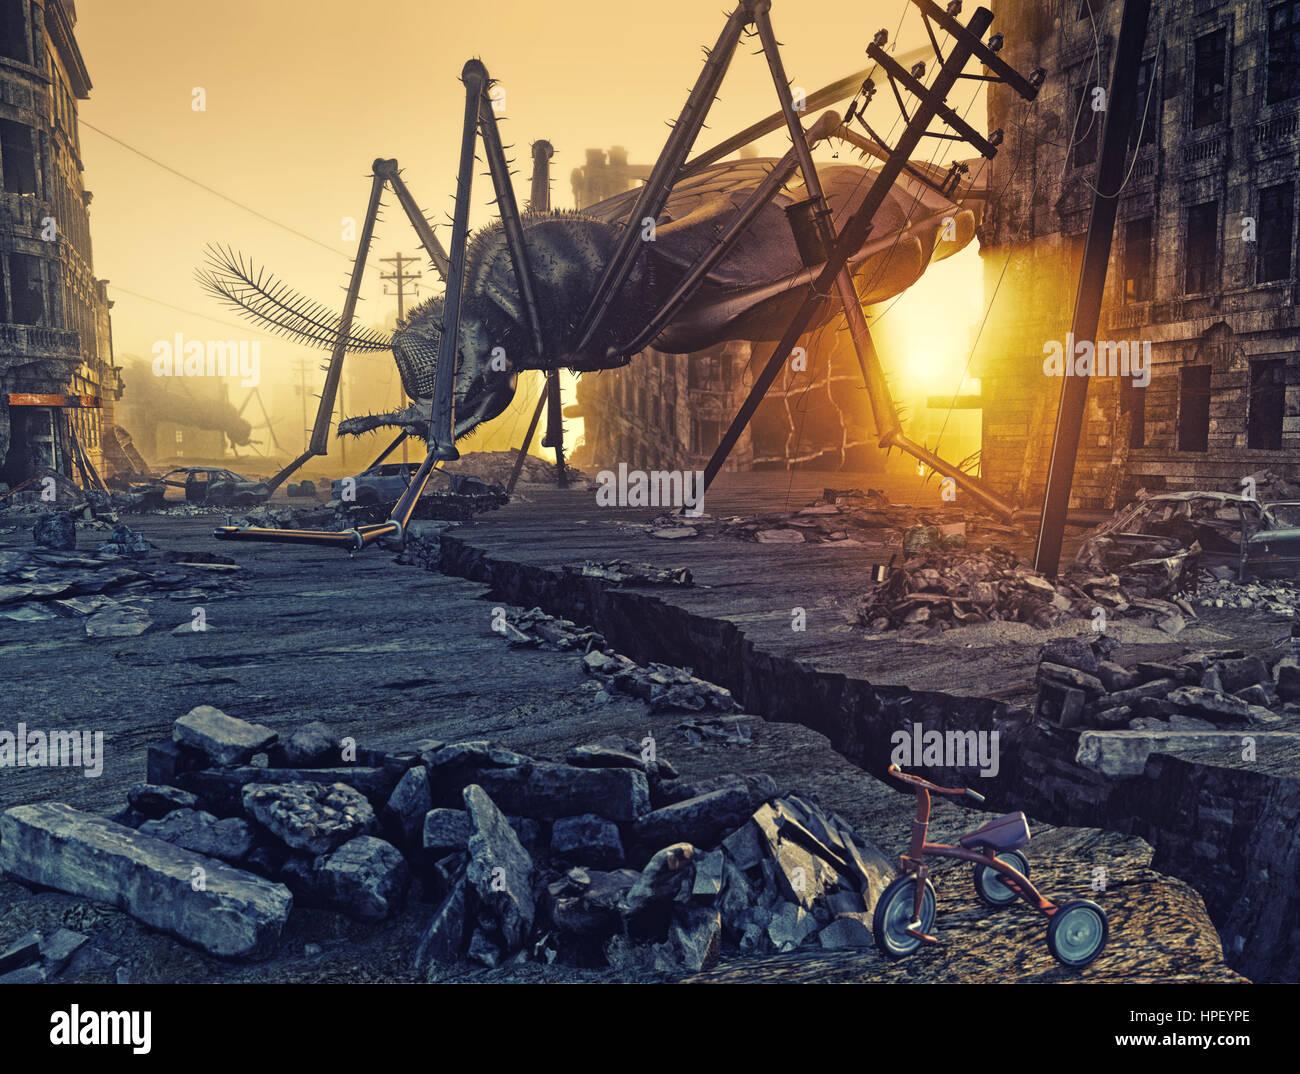 Les insectes géants détruire la ville. Concept 3D Photo Stock